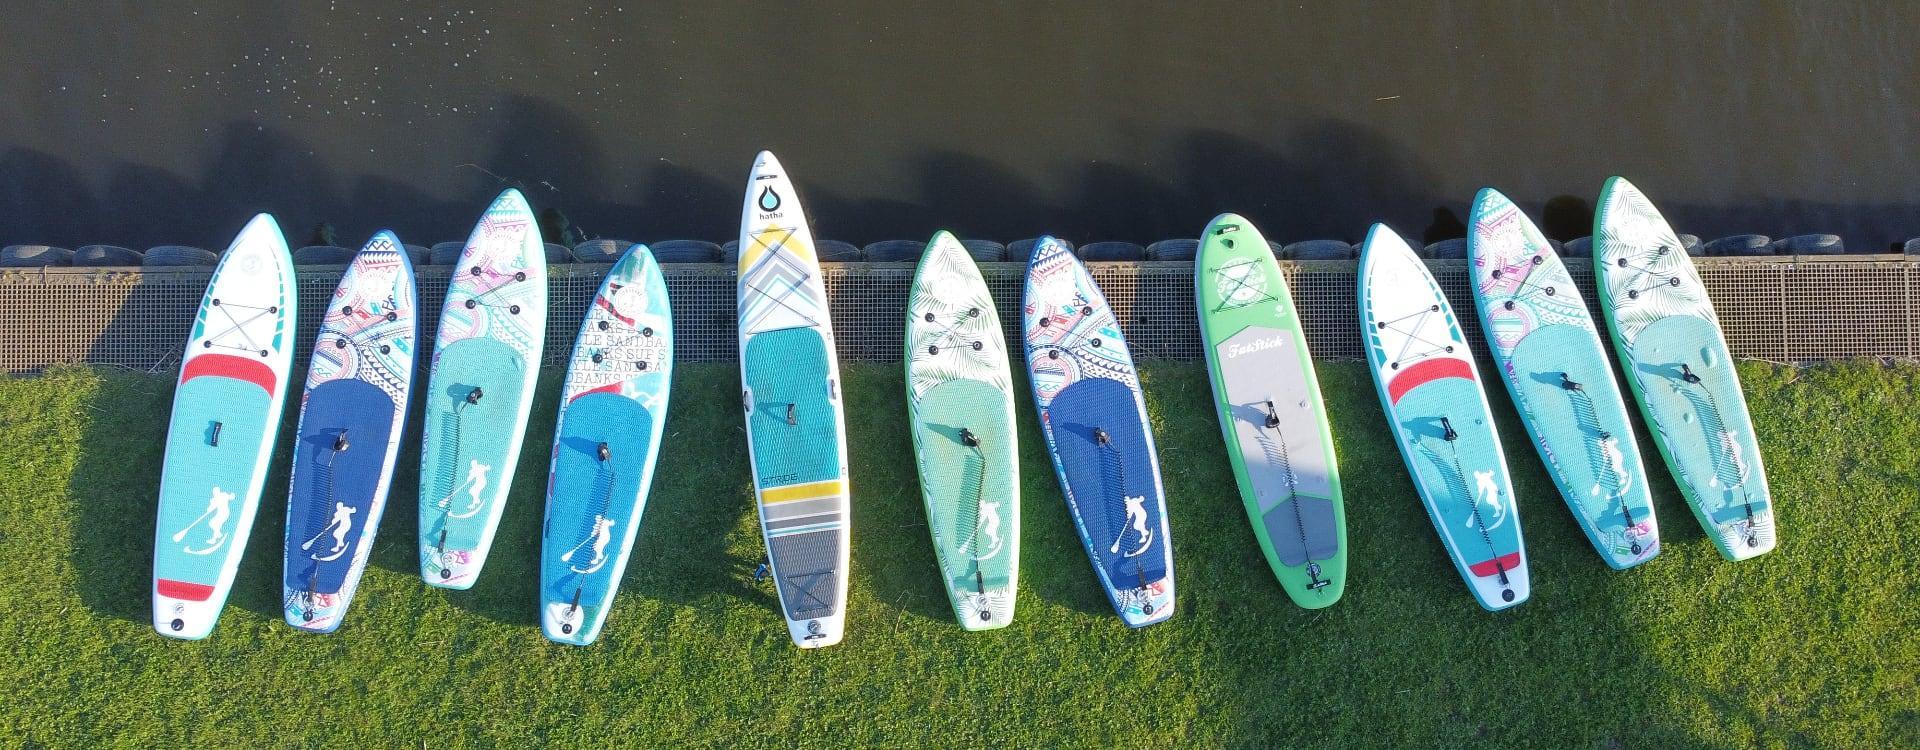 manyboards